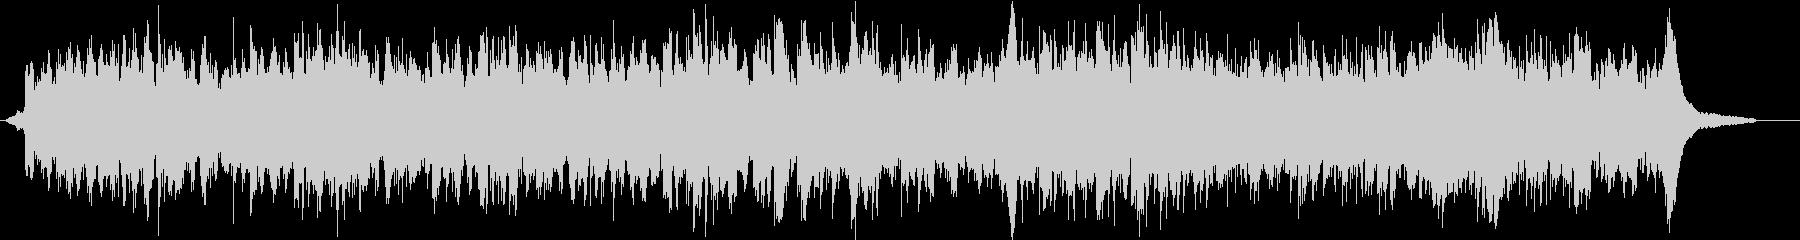 フェルトピアノによる優しい温かなピアノ曲の未再生の波形